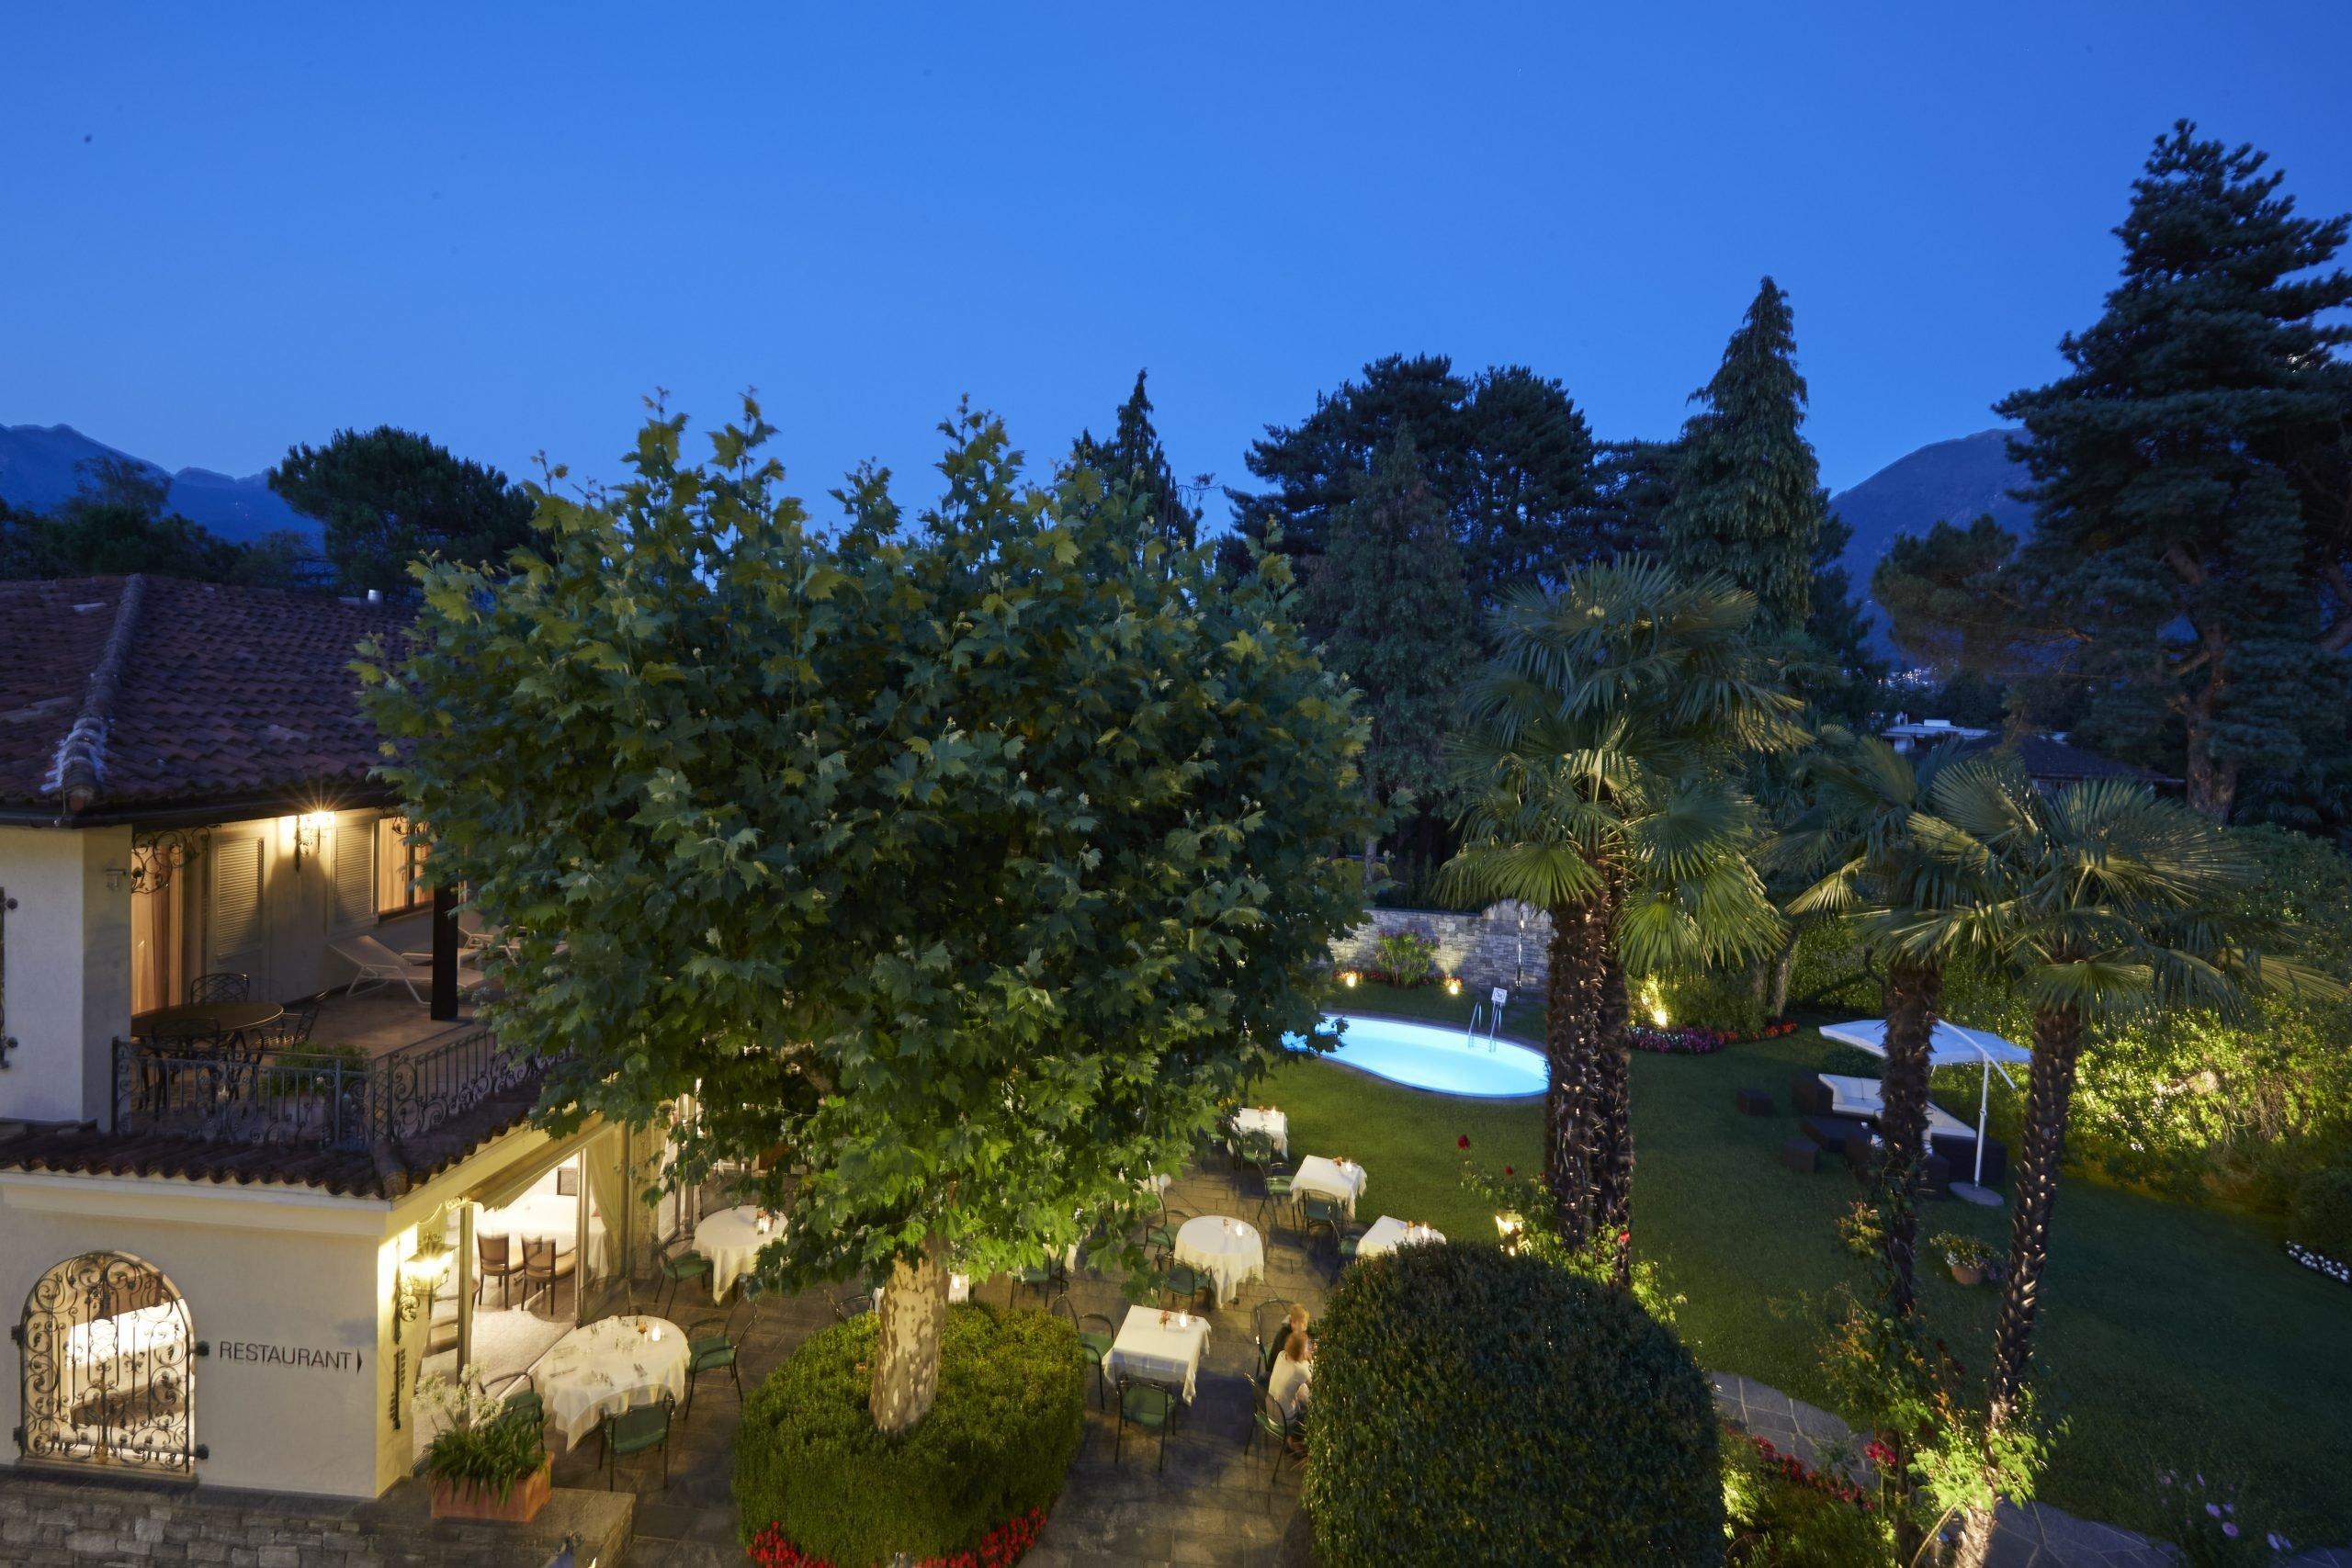 hotel-ascovilla-11.jpg